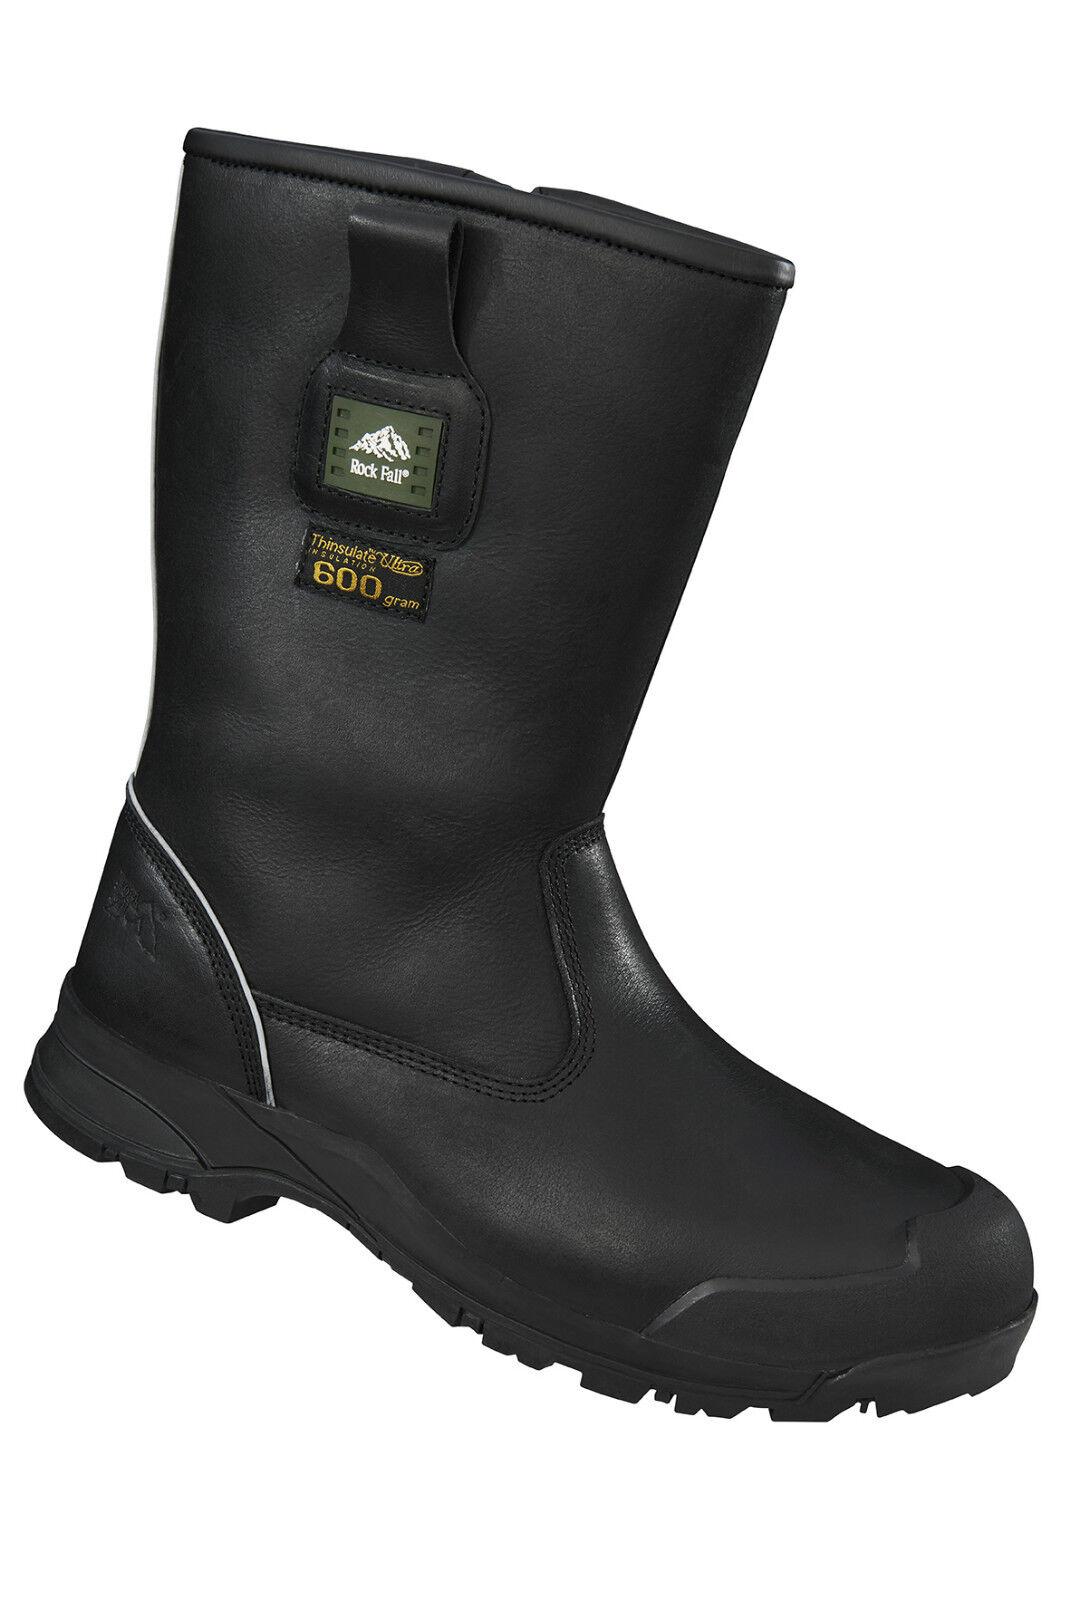 Rock FREDDO Fall rf040 Manitoba NERO FREDDO Rock lavoro Composite Toe Cap Safety Rigger boots 6071e1